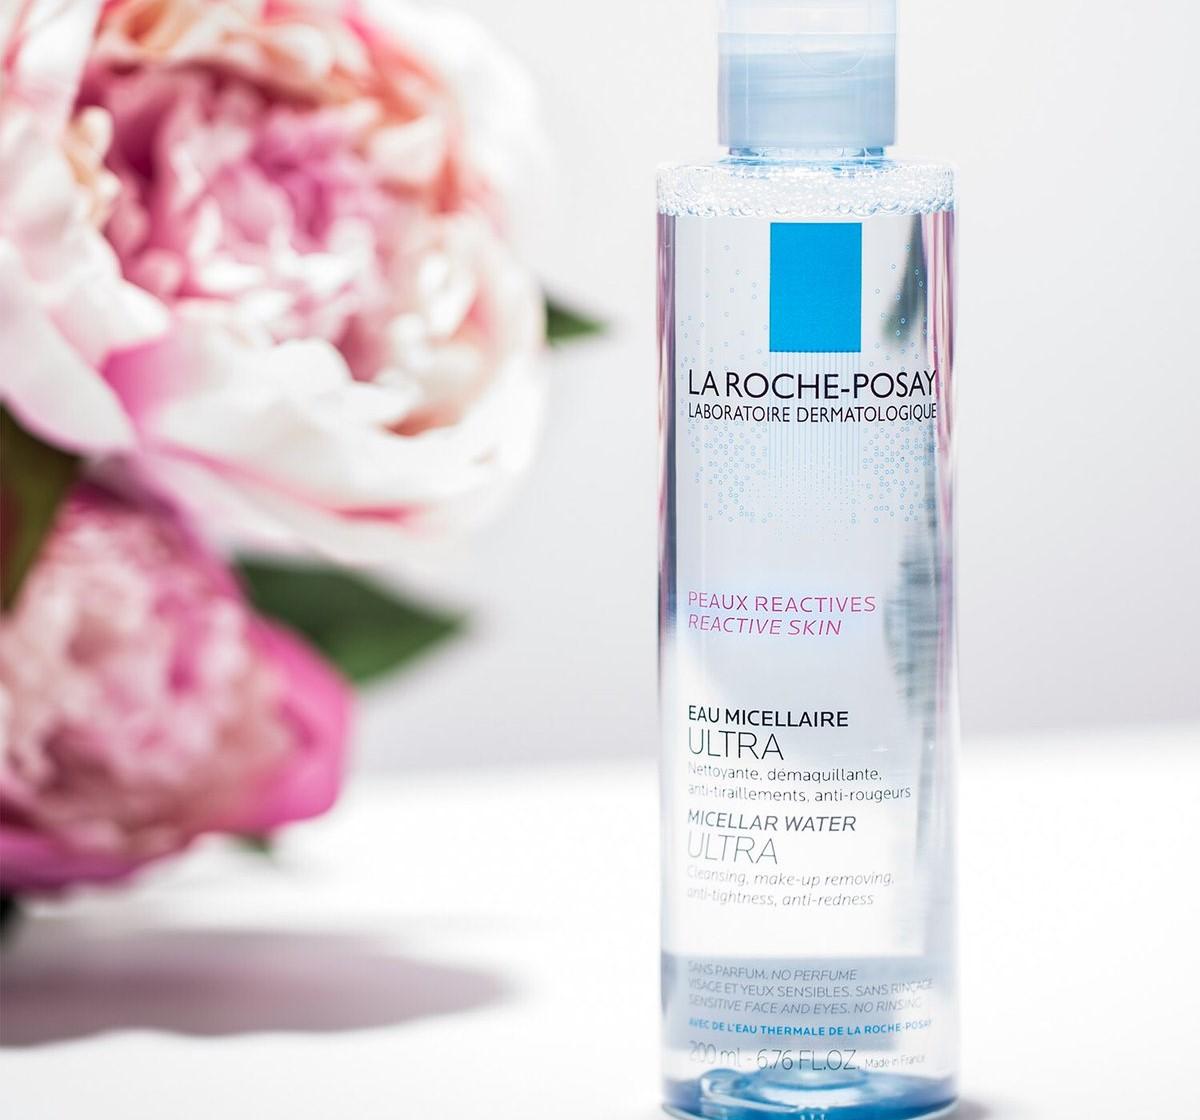 Laroche Posay Micellar Water Ultra Reactive Skin